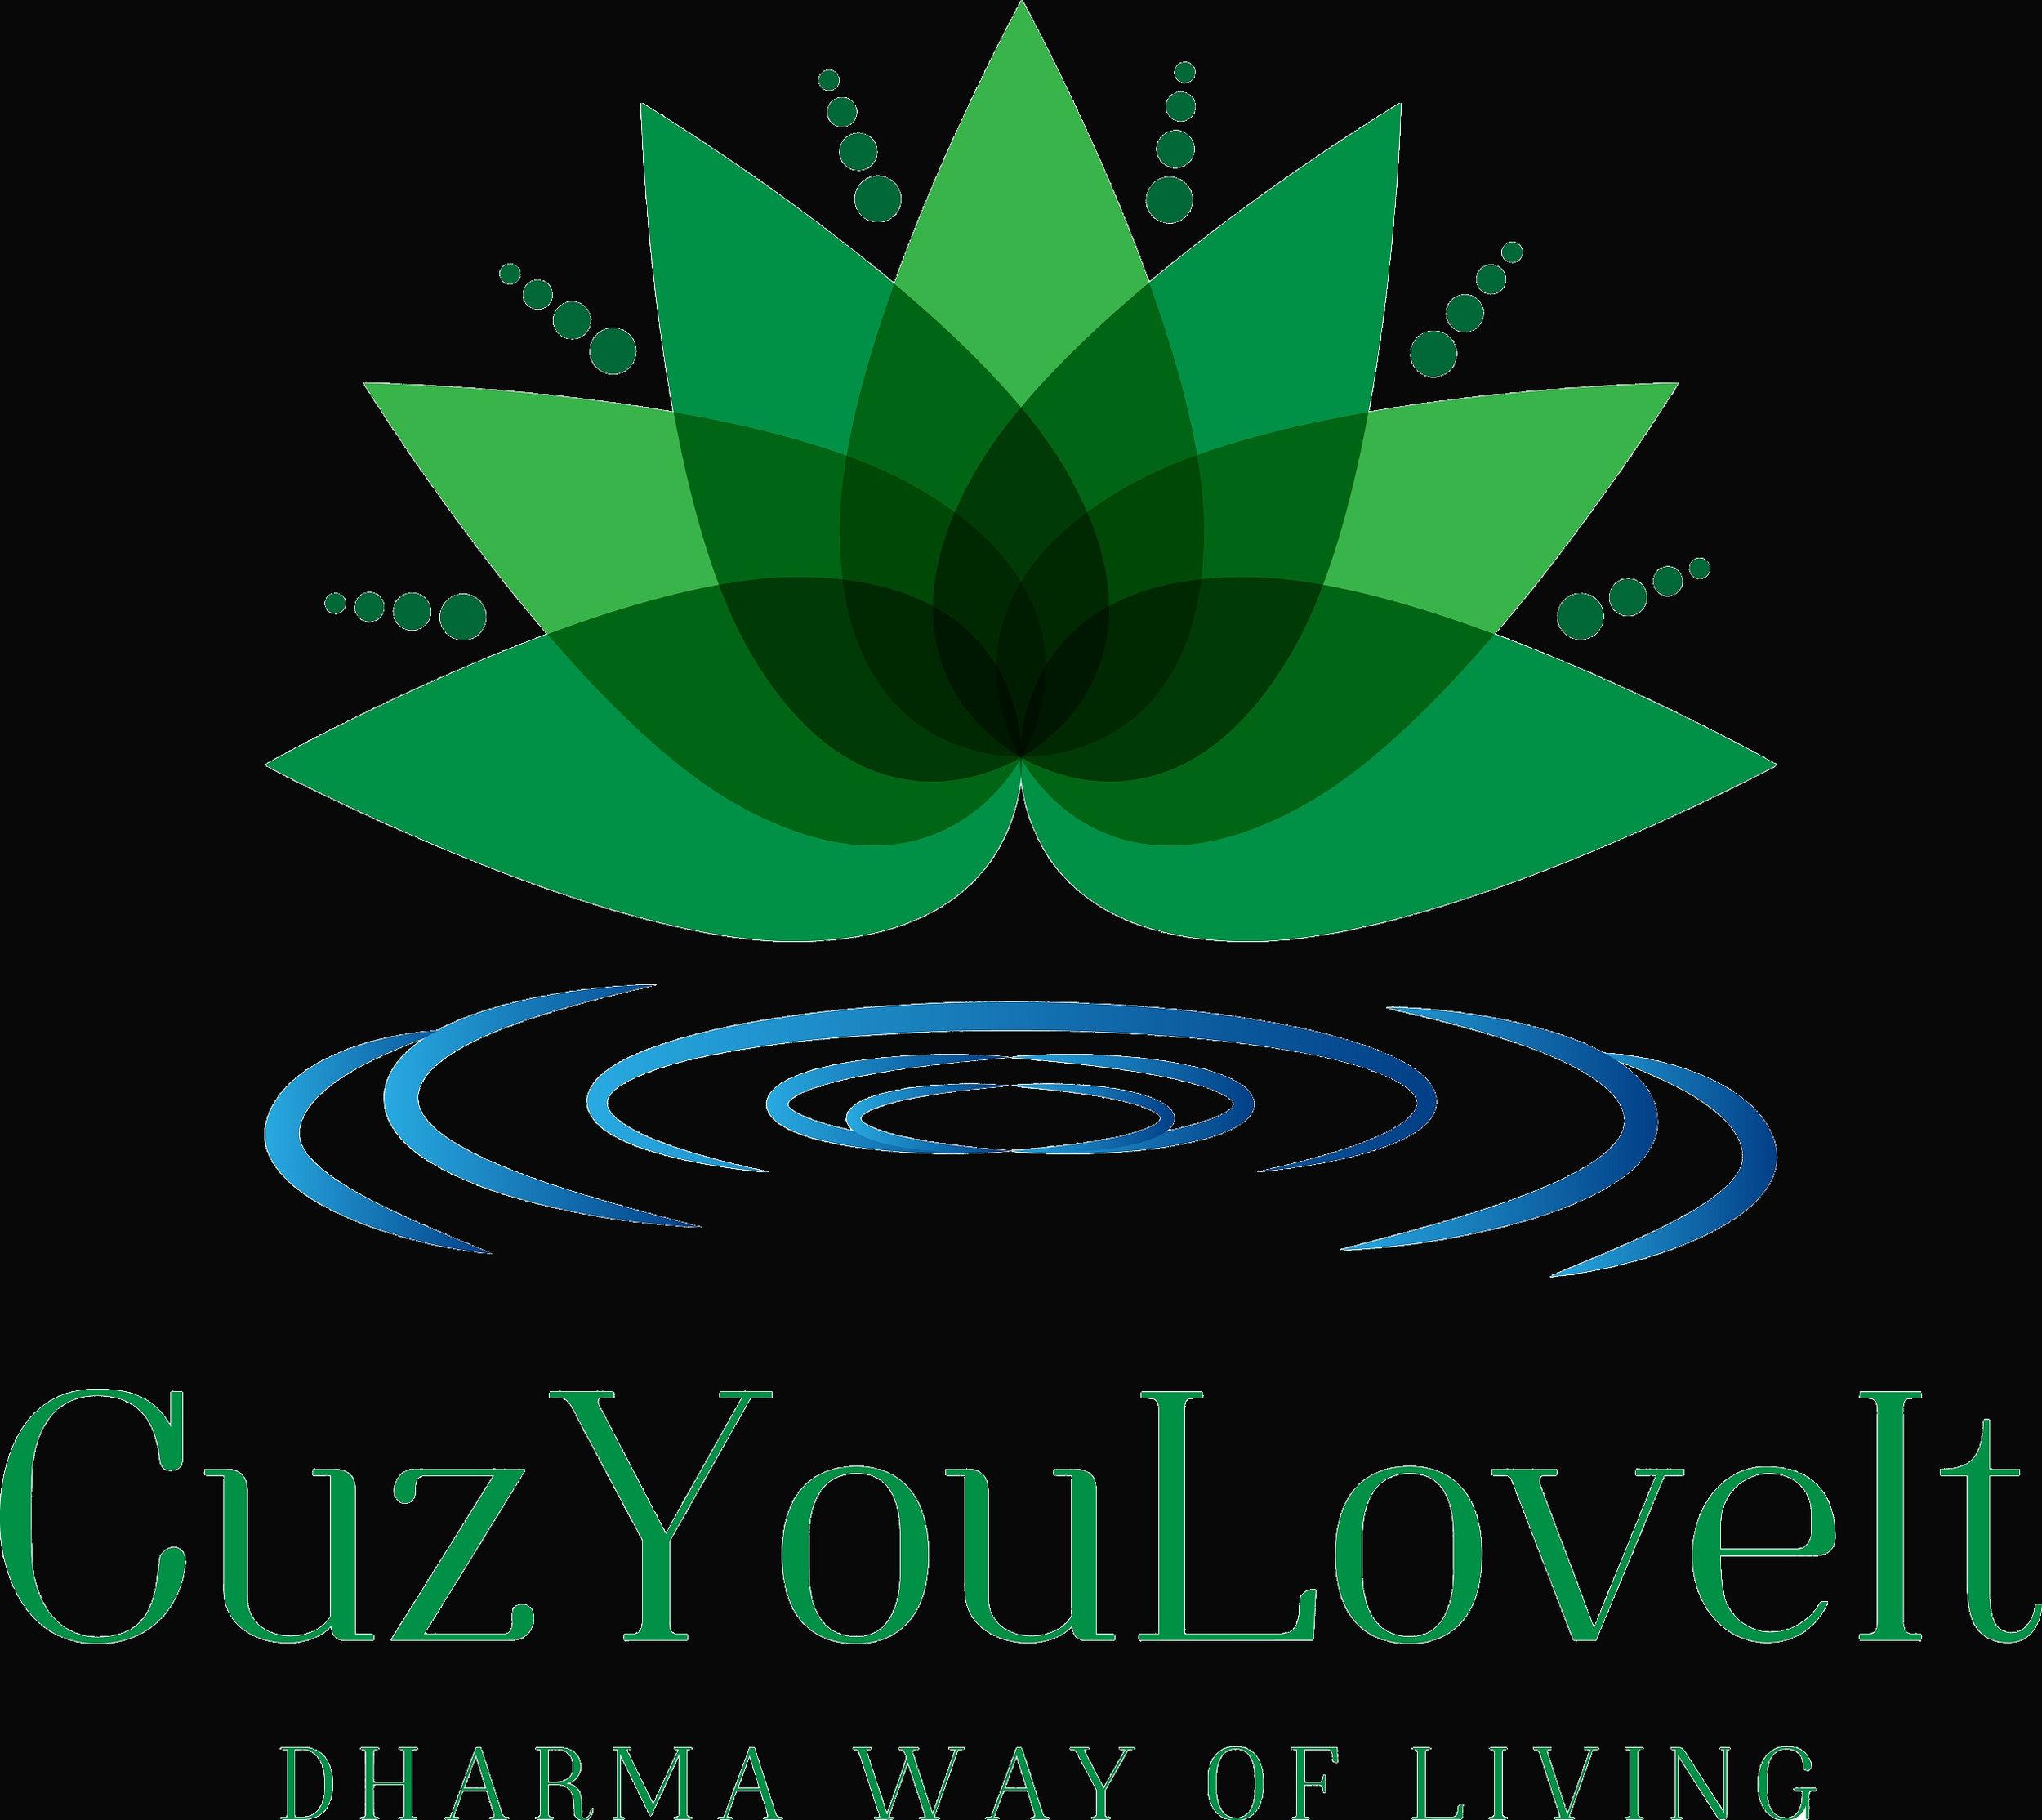 CuzYouLoveIt_logo black bg.jpg